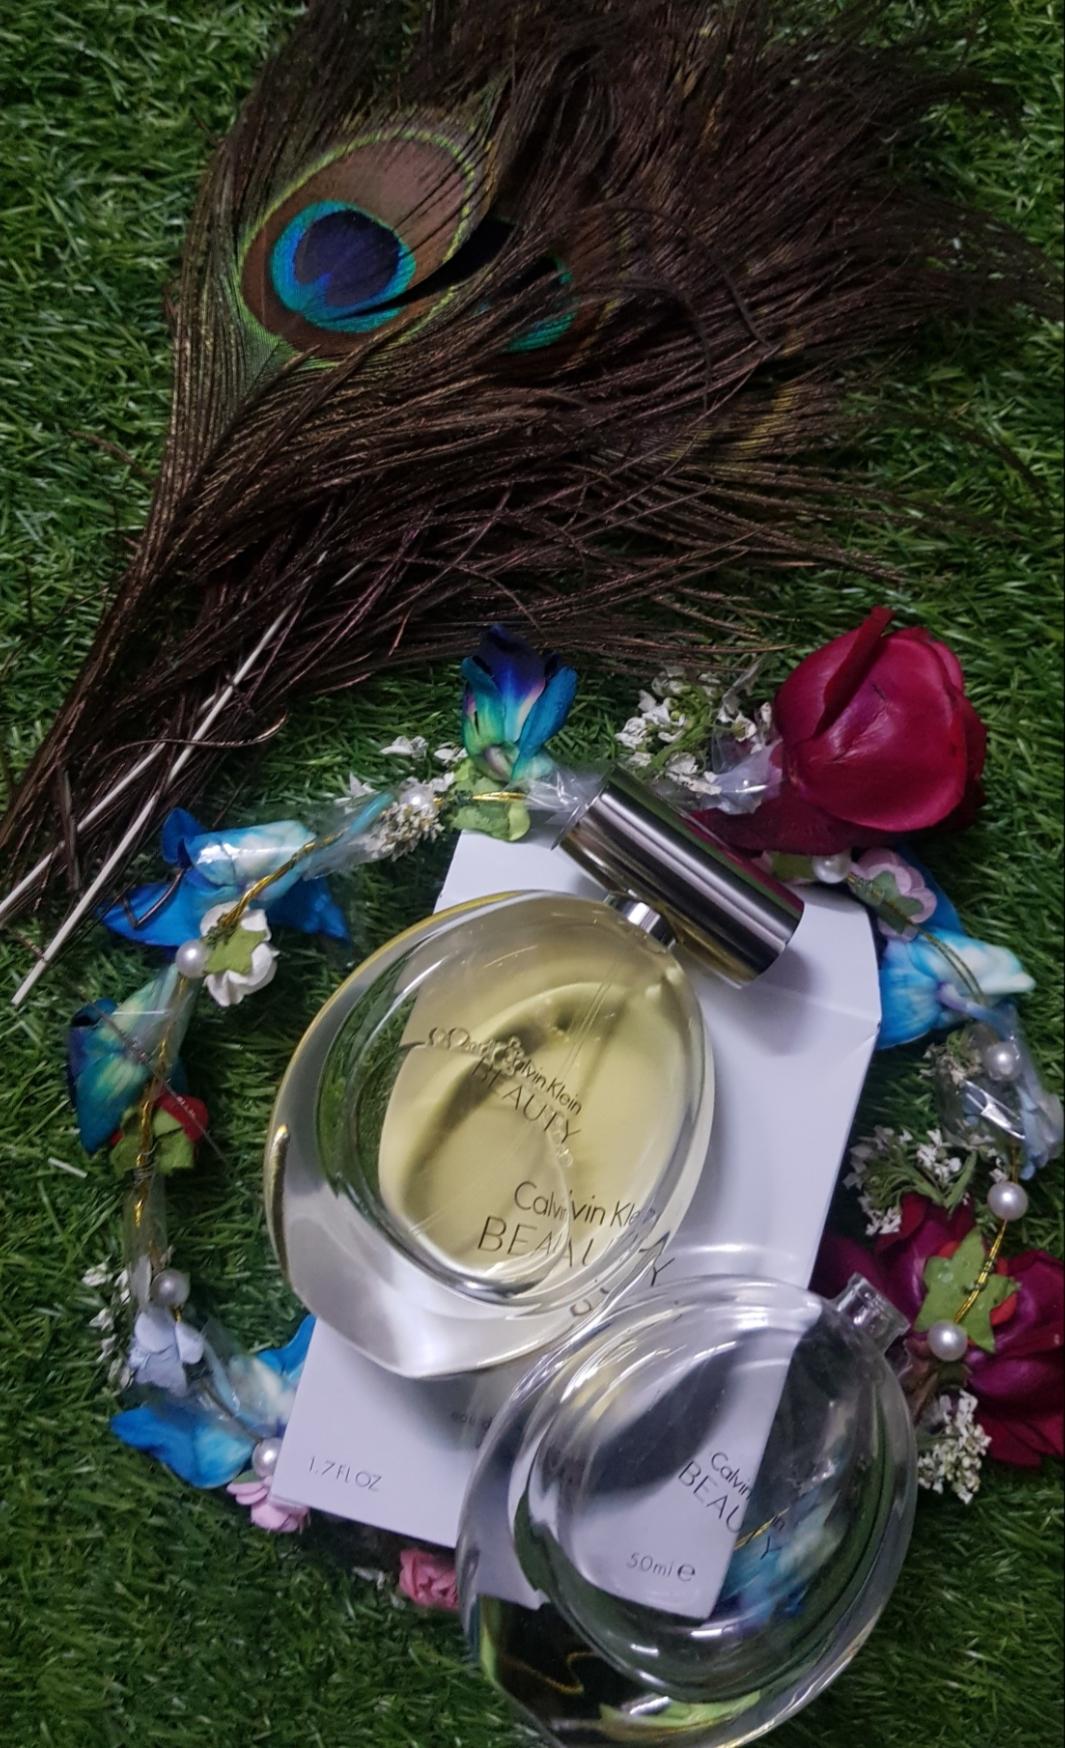 Calvin Klein Beauty Eau De Parfum For Women-Floral and warm scent!-By poonam_kakkar-2